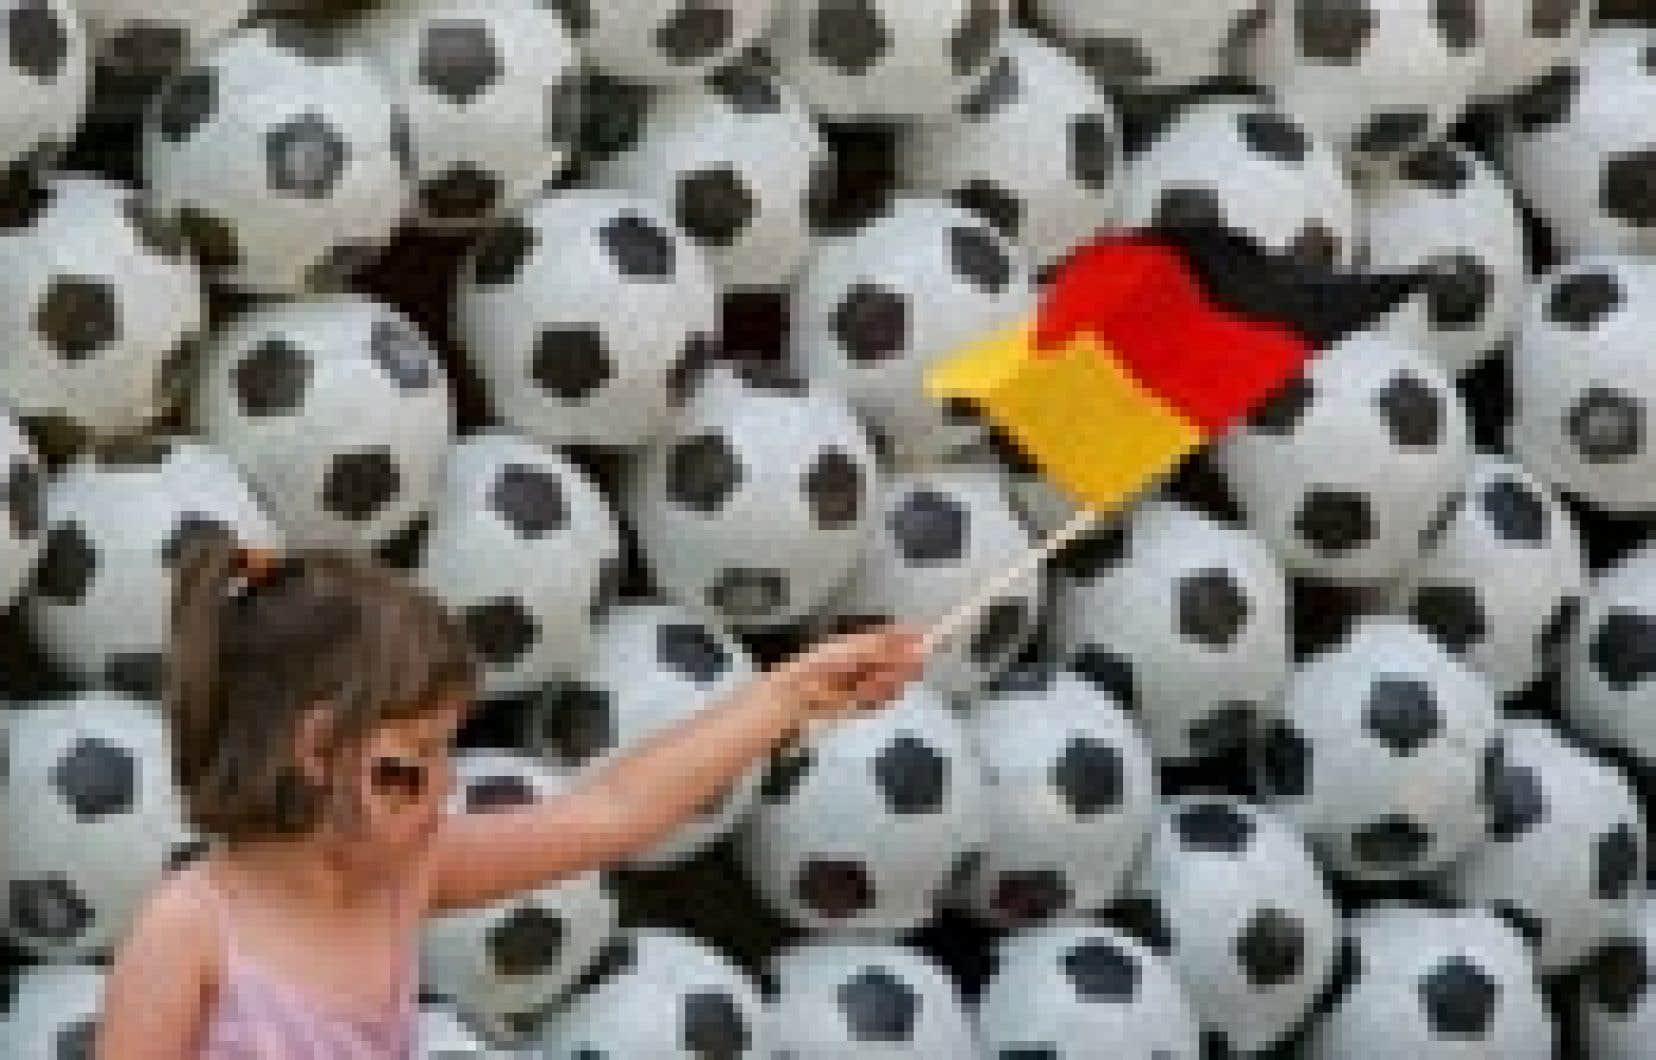 En tant que pays hôte, l'Allemagne va tirer parti de cette Coupe du monde. Les performances de l'équipe allemande se traduisent même dans les indices de confiance des Allemands, à l'image de l'indice Ifo, qui mesure le moral des entrepreneurs